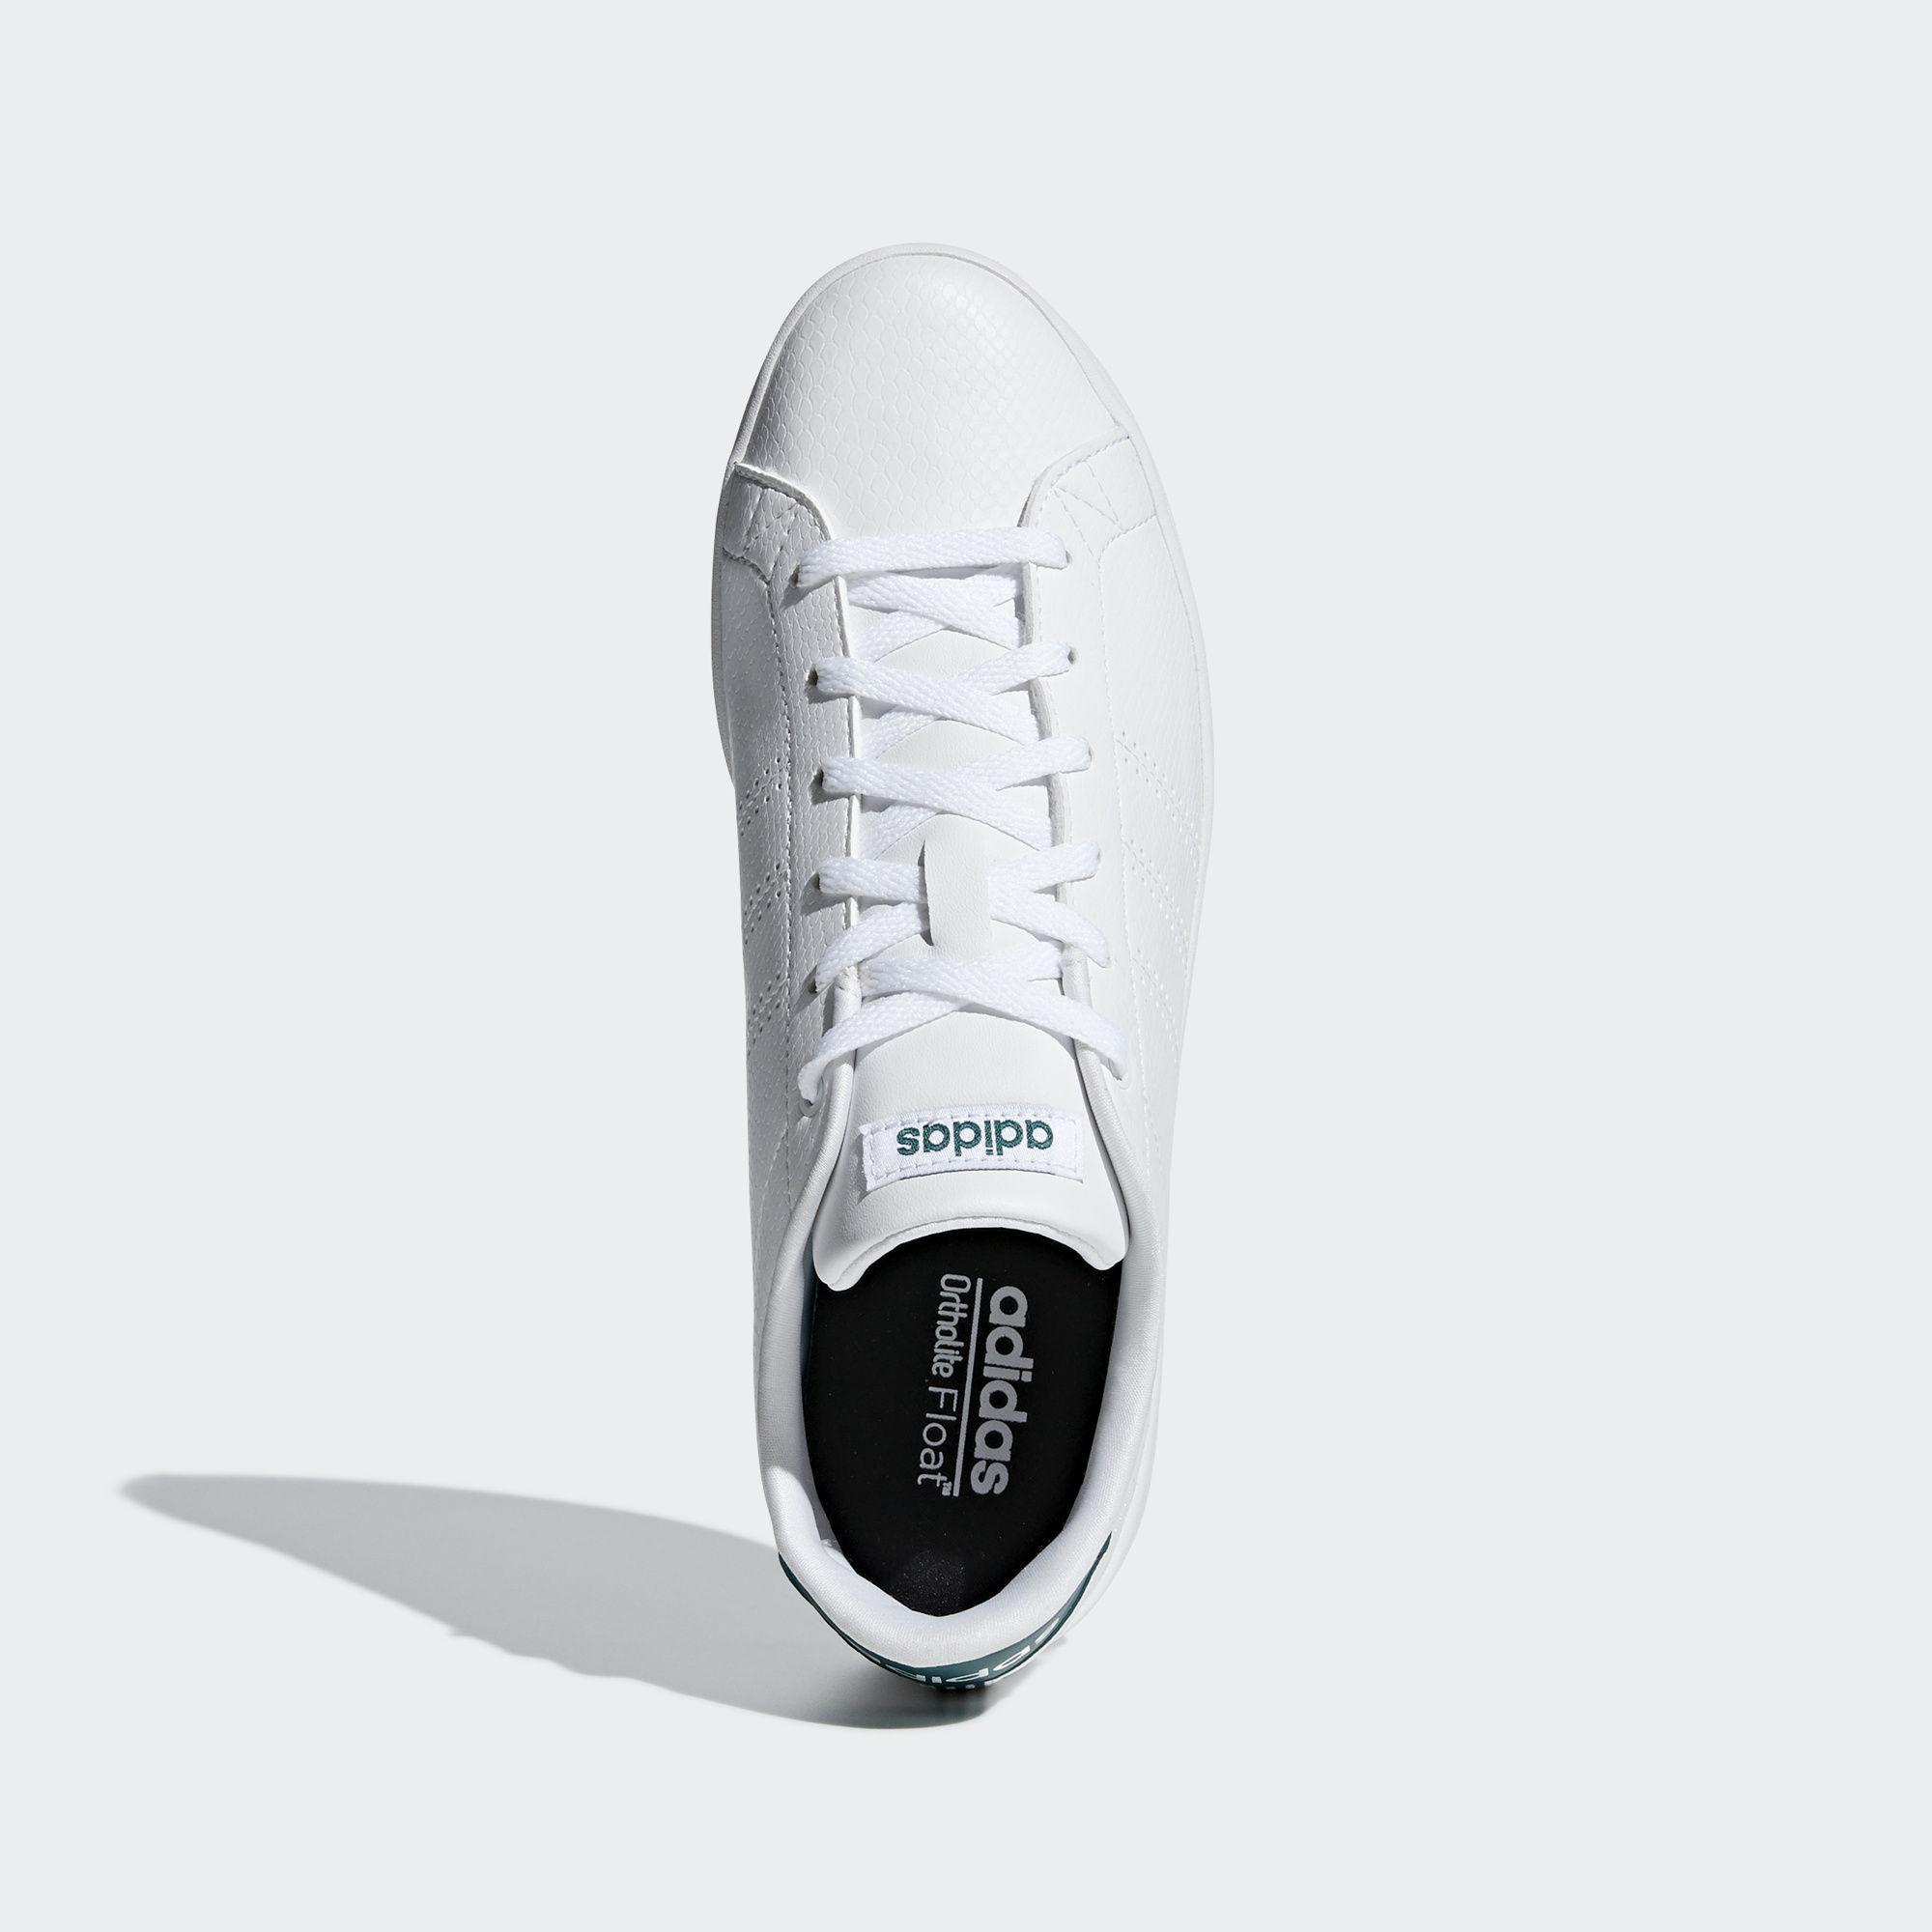 Adidas Advantage Clean QT Turnschuhe Damen Ftwr Weiß / / / Ftwr Weiß / Noble Grün im Online Shop von SportScheck kaufen Gute Qualität beliebte Schuhe 181cda